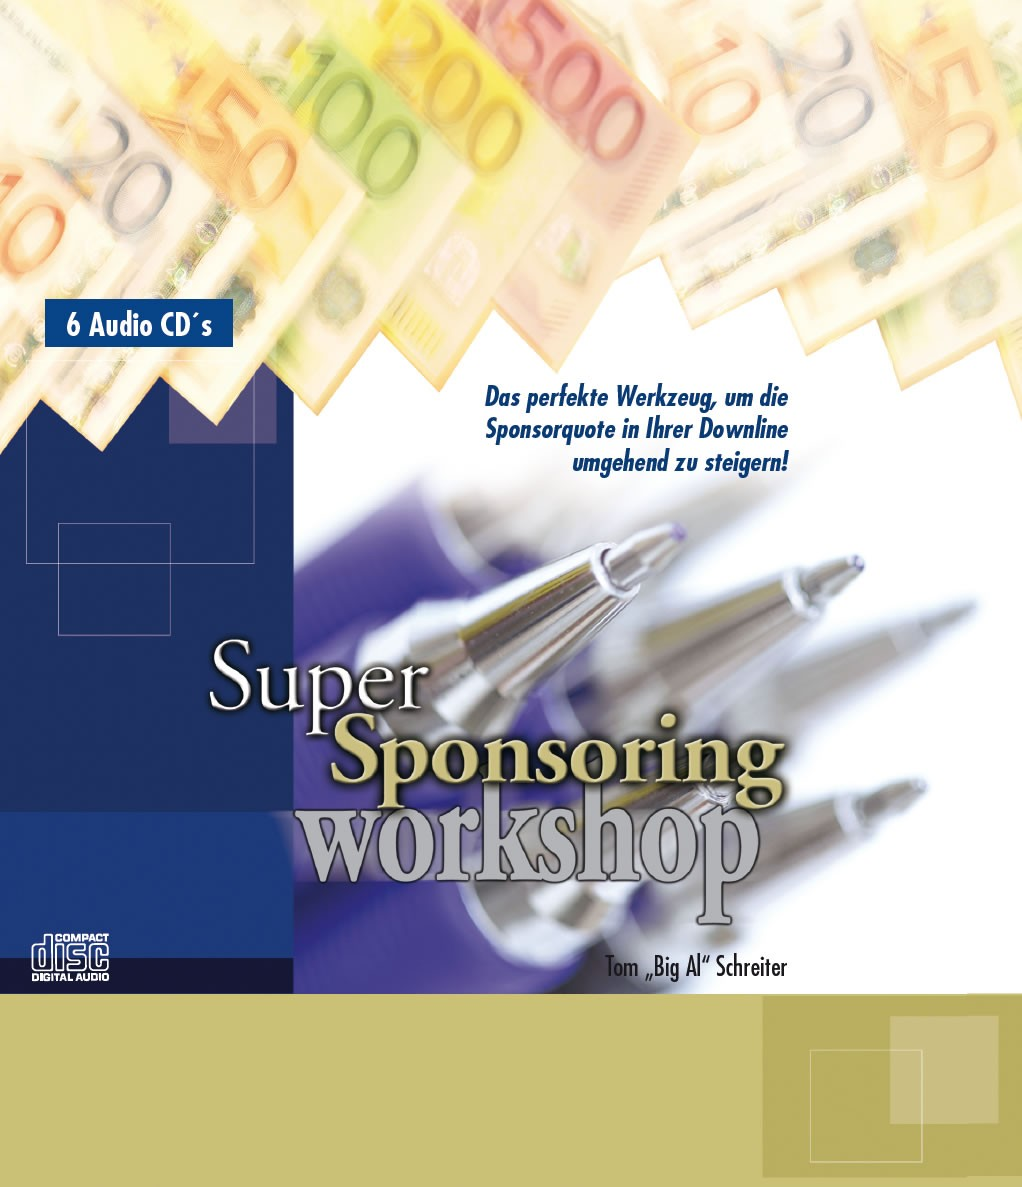 Super Sponsoring Workshop